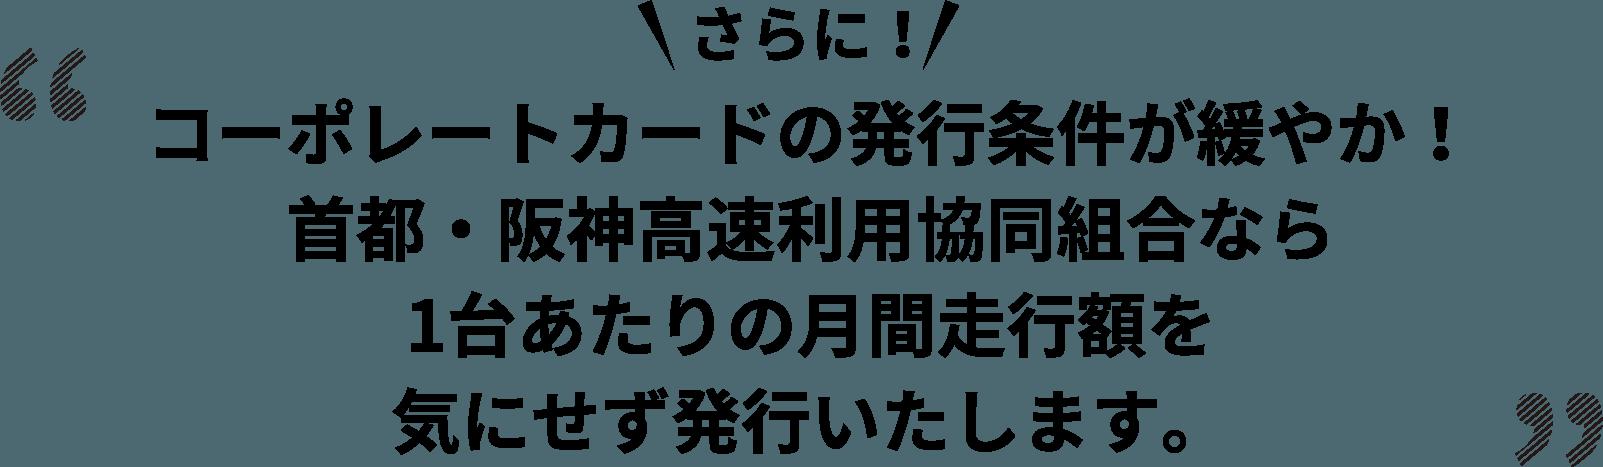 コーポレートカードの発行条件が緩やか!首都・阪神高速利用協同組合なら1台あたりの月間走行額を気にせず発行いたします。